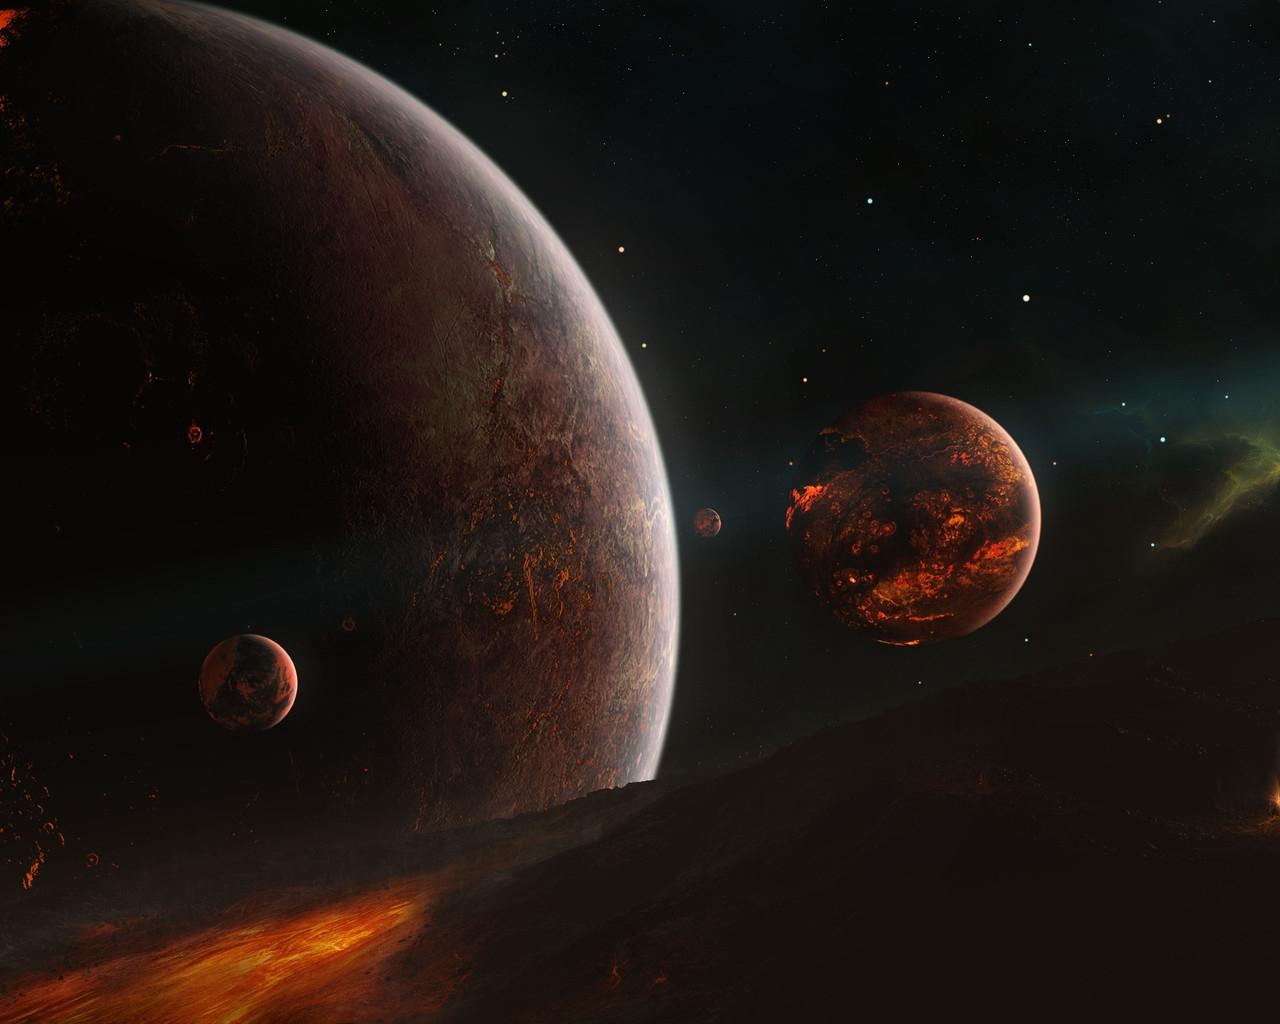 http://4.bp.blogspot.com/-mlndE_sU0wQ/UDNaJPmwMLI/AAAAAAAAHGw/KXS8wc2h-3A/s1600/space-wallpaper-6.jpg